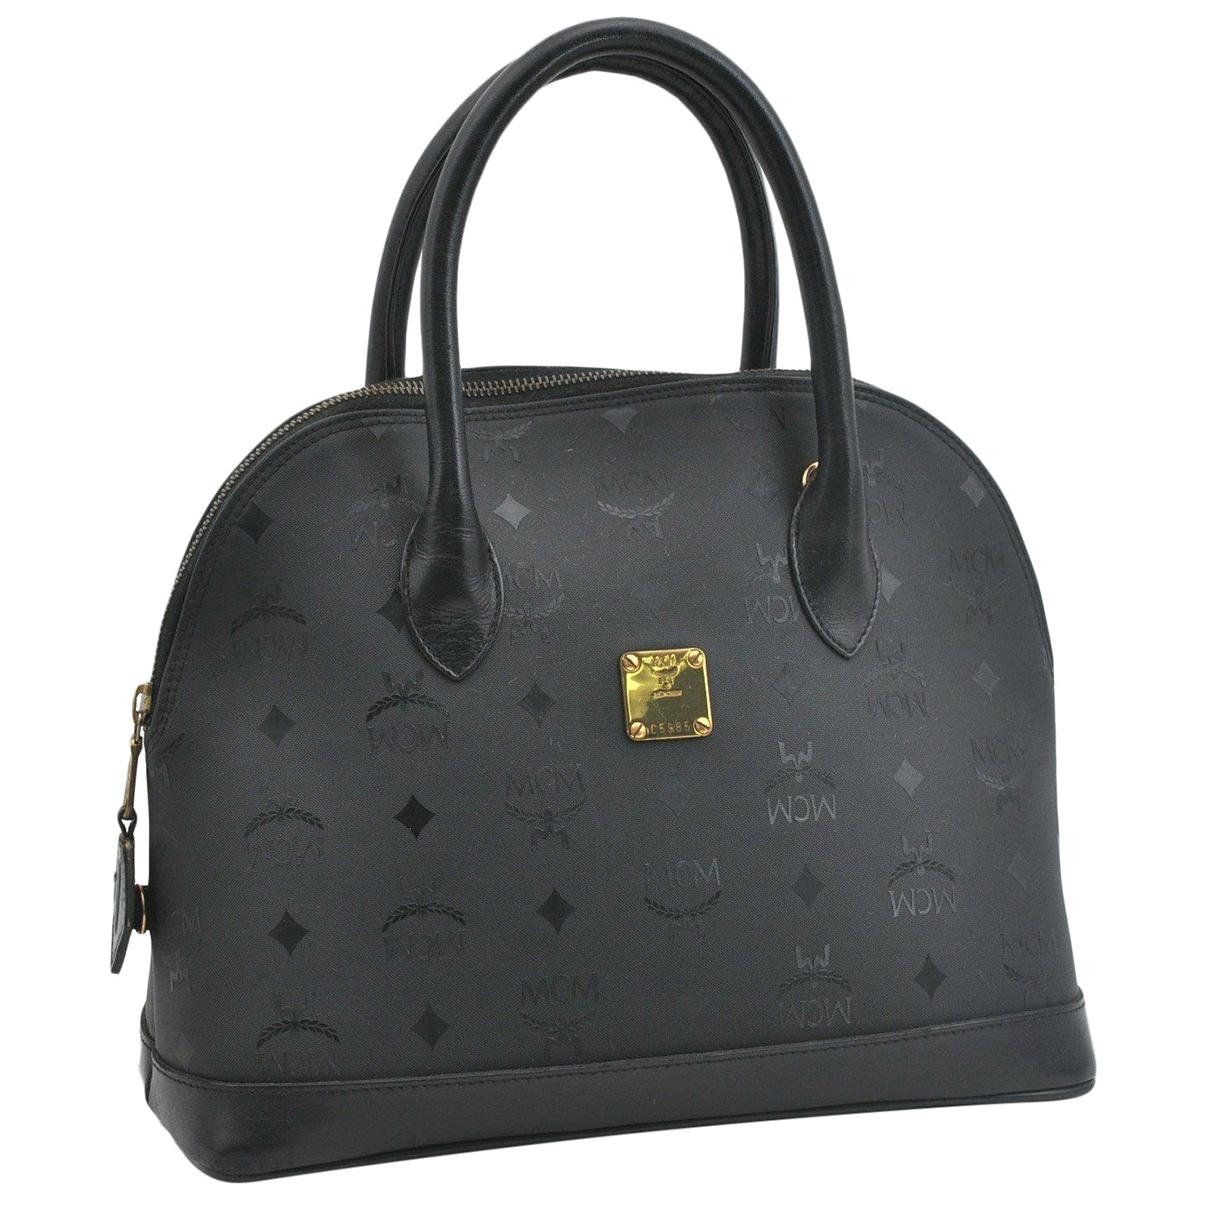 Mcm \N Handtasche in  Schwarz Synthetik